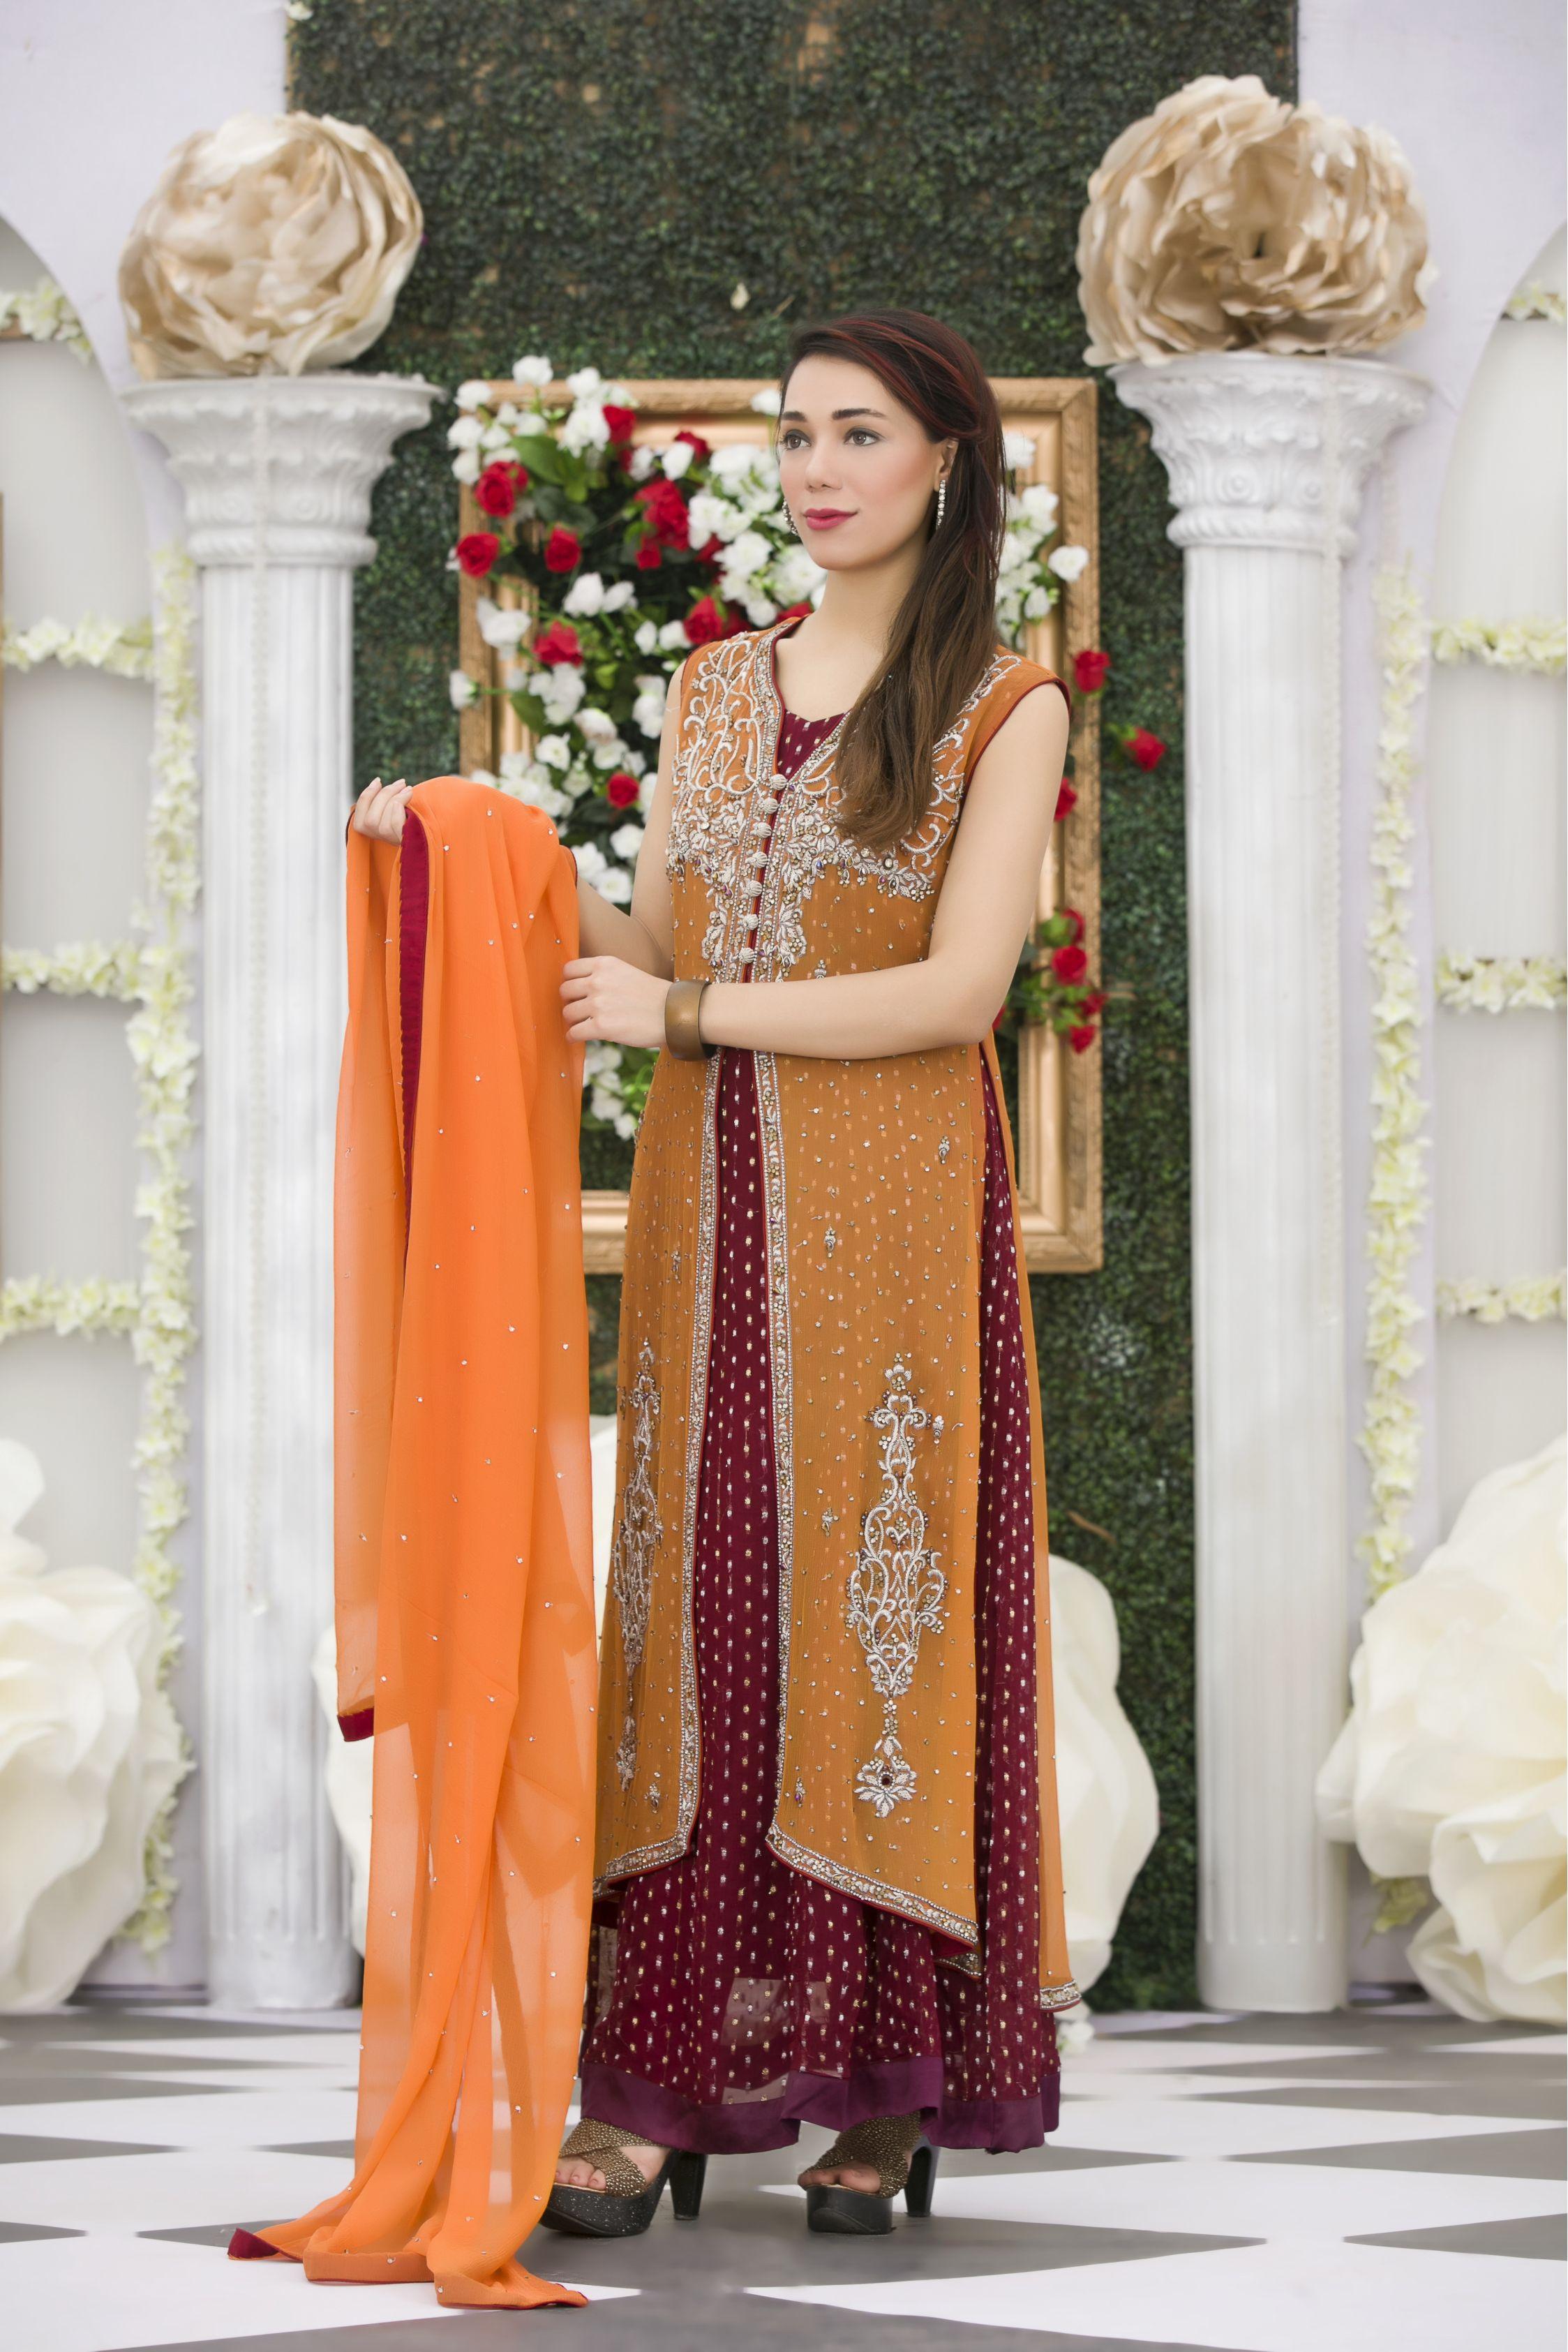 Buy Exclusive Orange Maroon Mehndi Dress Online In USA, Uk & Pakistan - 01